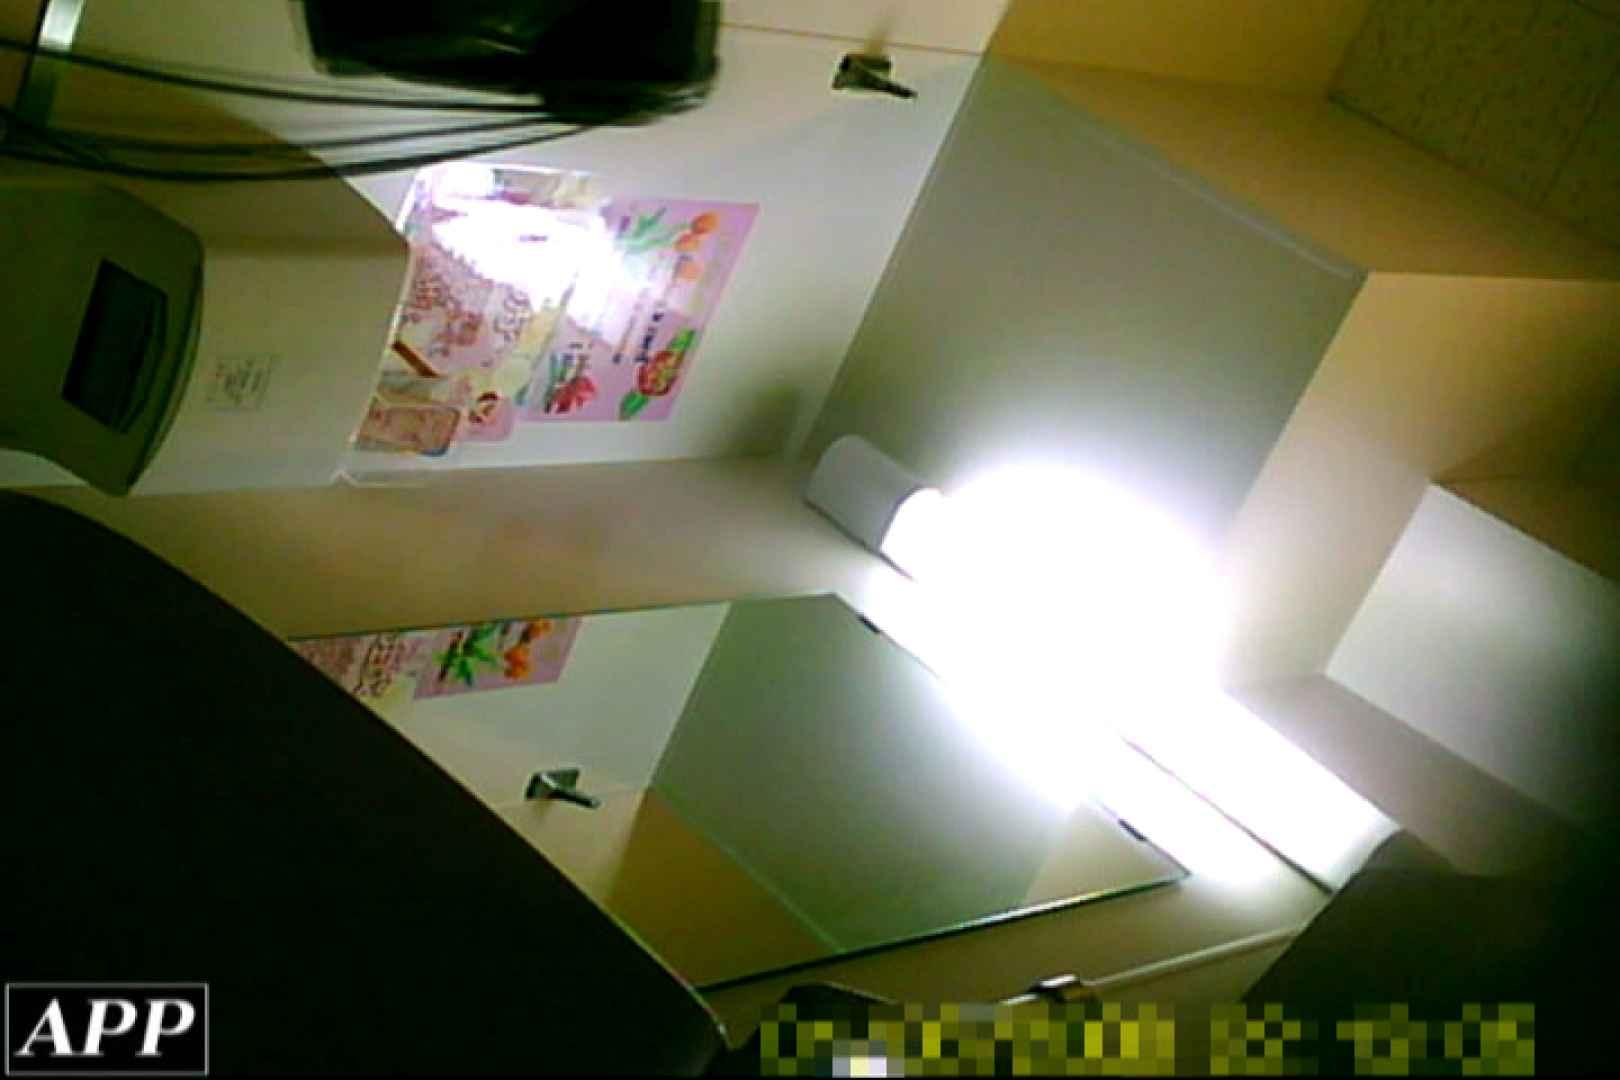 3視点洗面所 vol.135 オマンコ SEX無修正画像 101枚 94